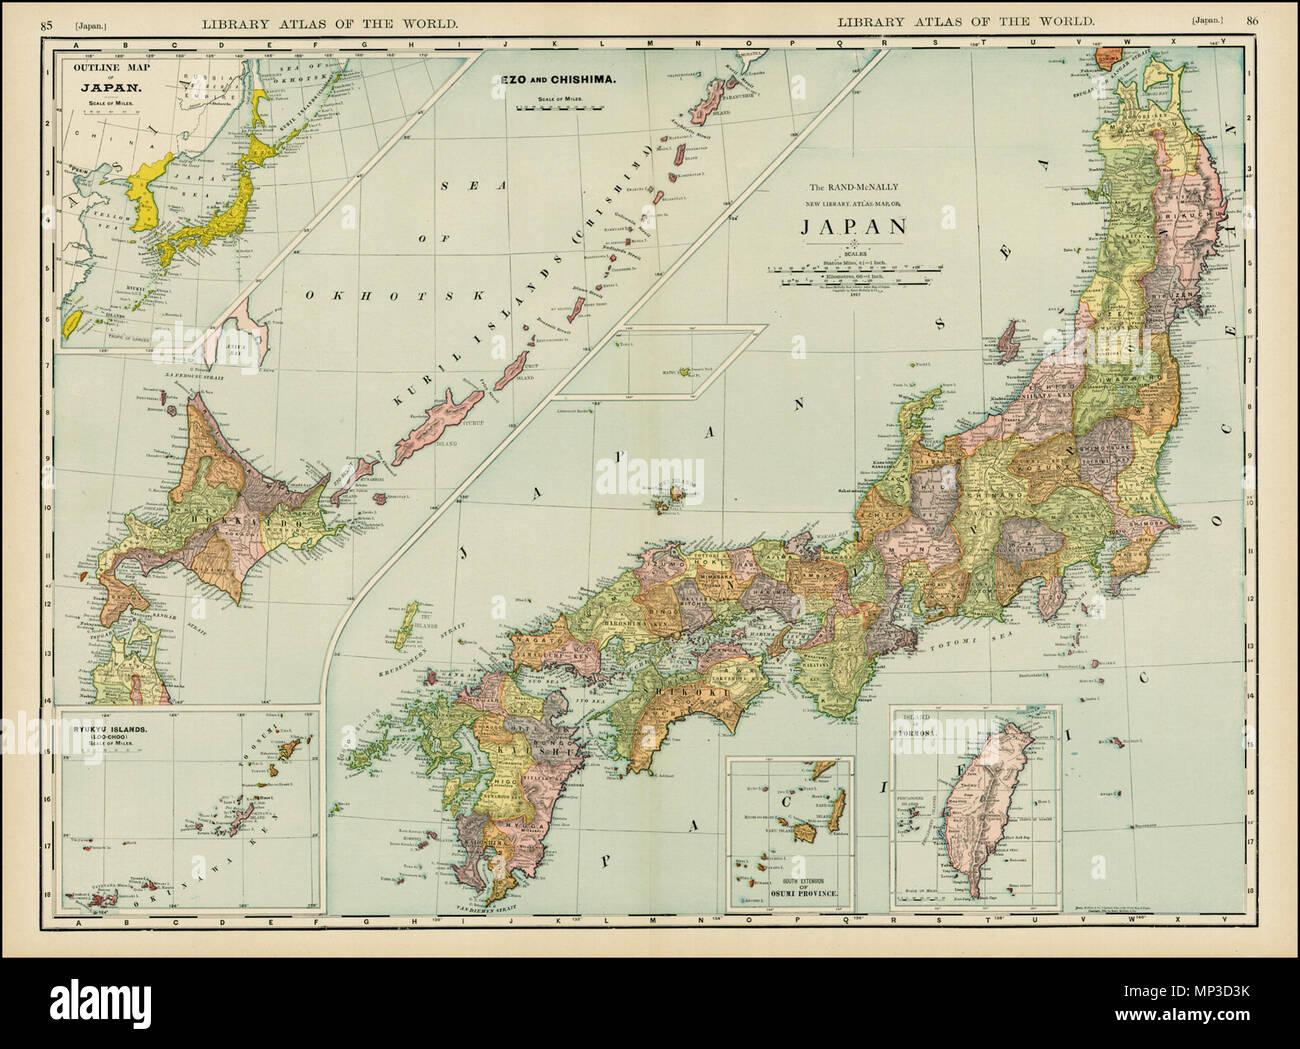 Rand mcnally map dating